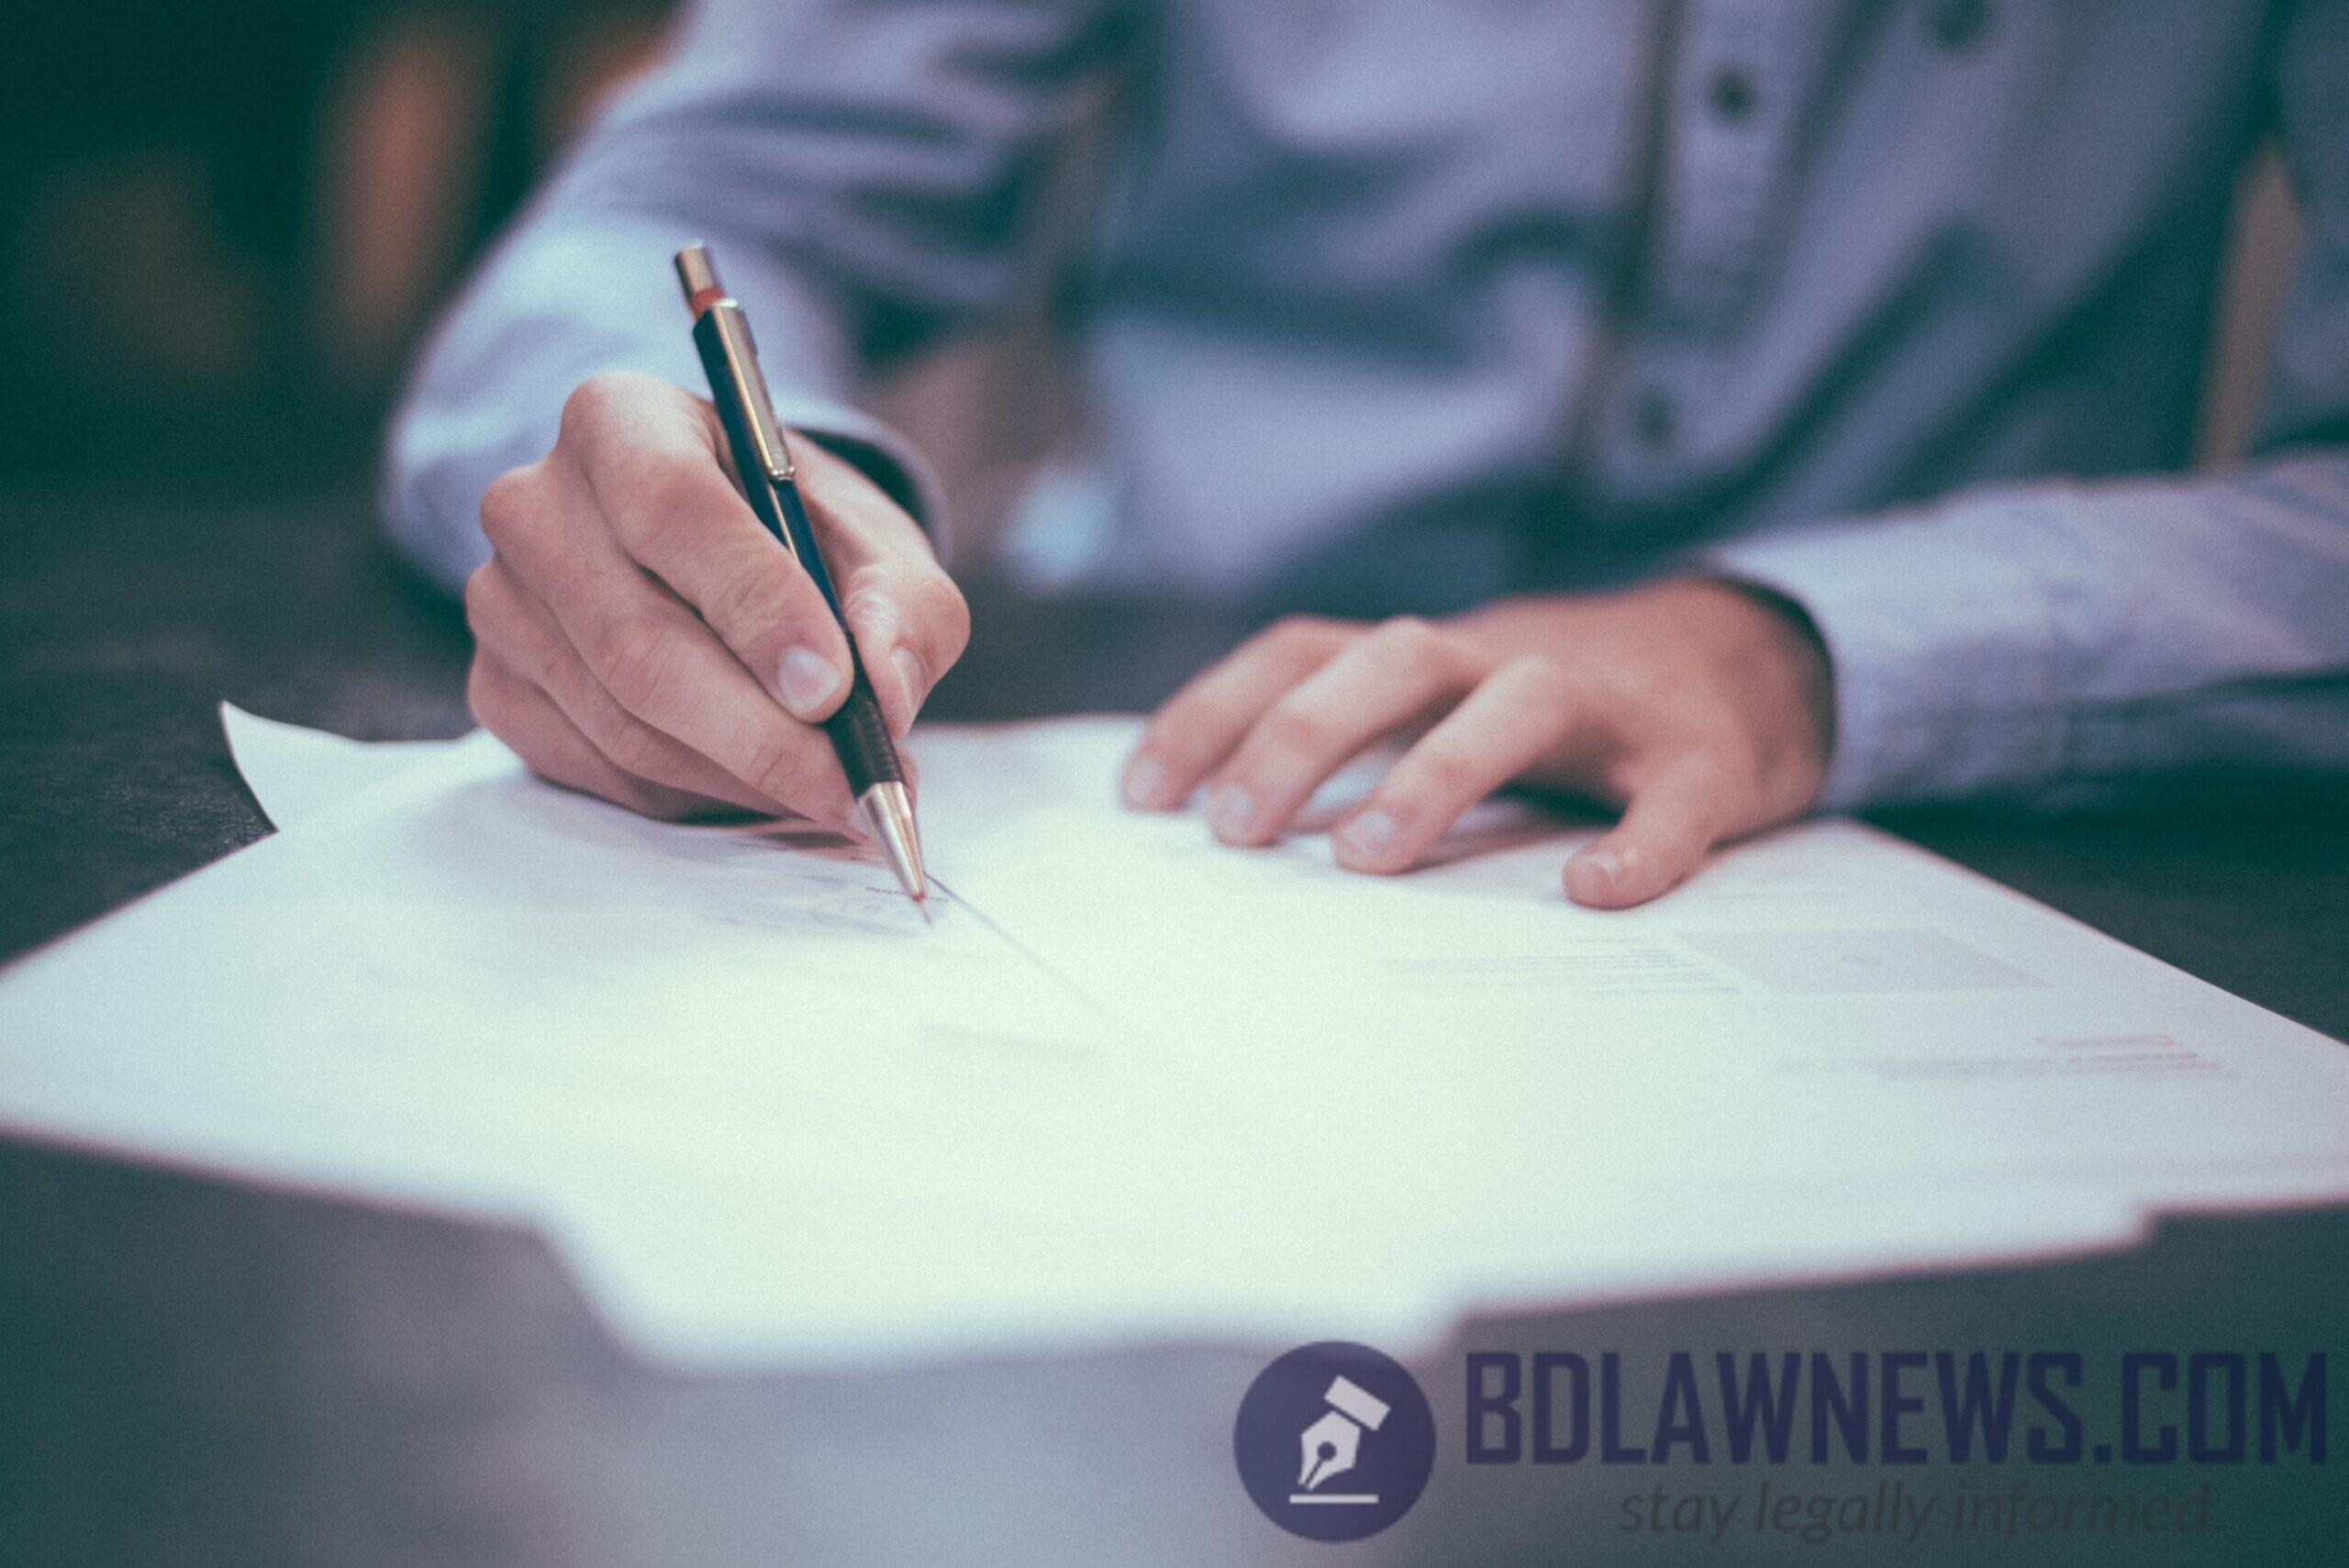 তত্ত্বগত ও পদ্ধতিগত আইন সম্পর্কে বিস্তারিত